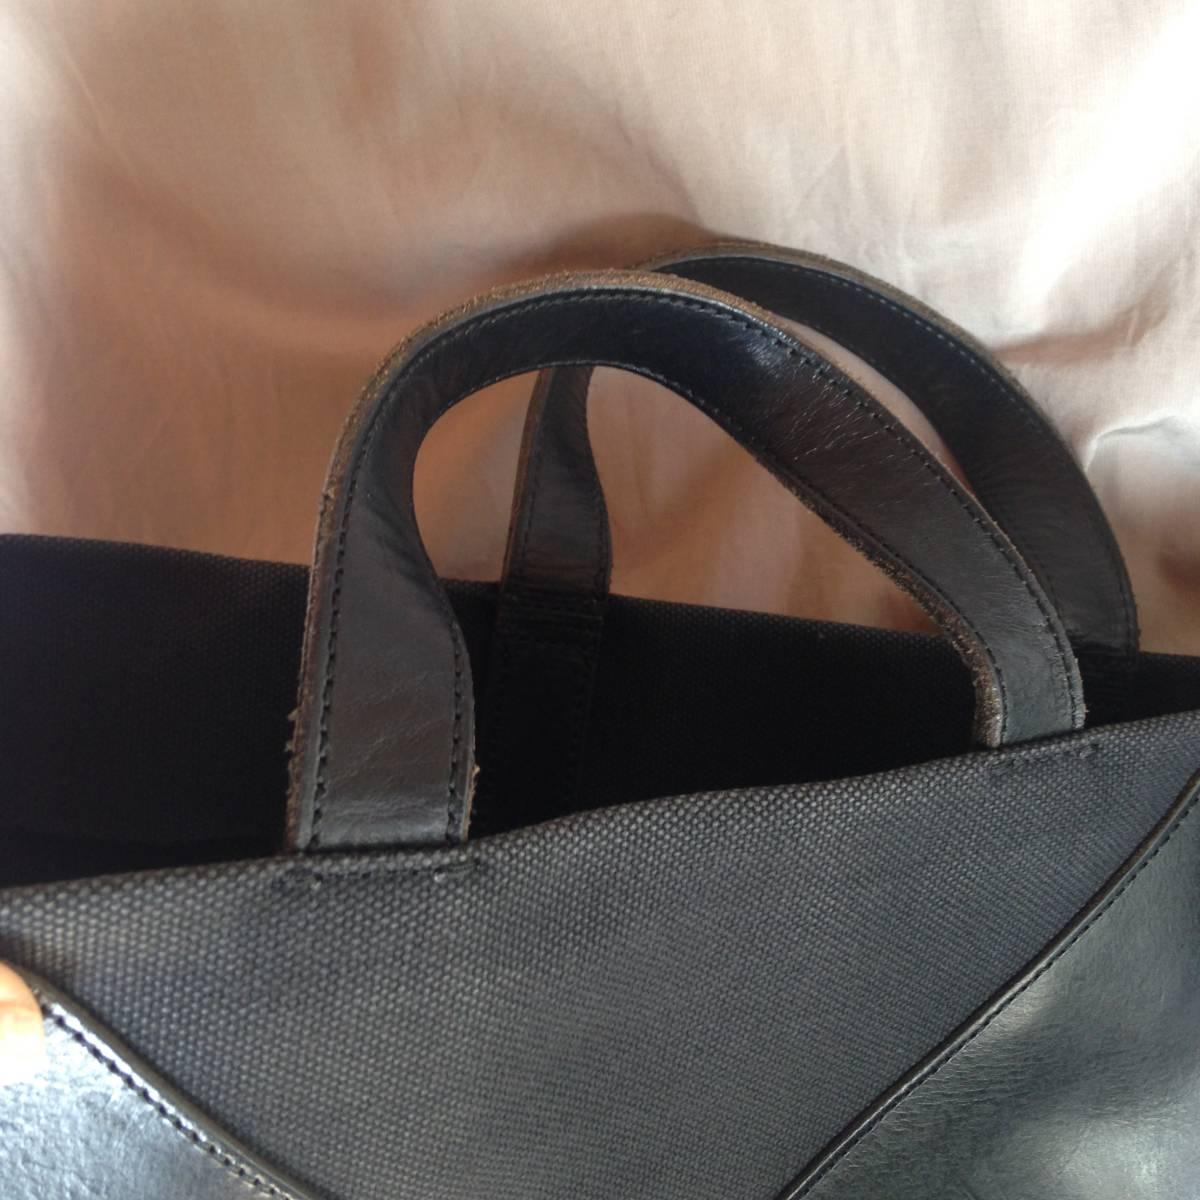 江面旨美トートバッグ 一点物 帆布に牛革 ギャルソン・arts&science・45R・ヨーガンレール好きな方_画像8